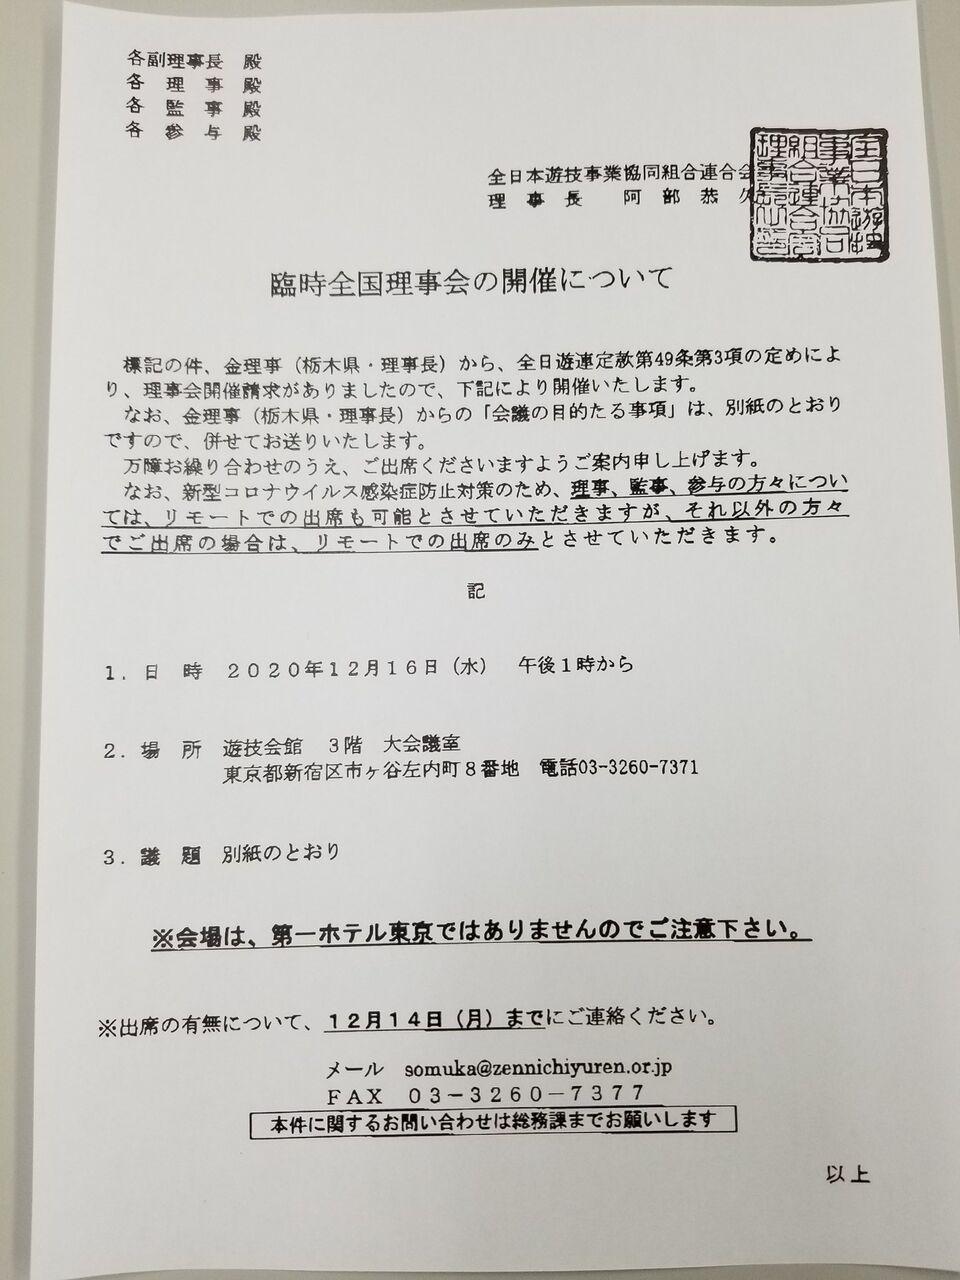 撤去 期限 ドキ 沖